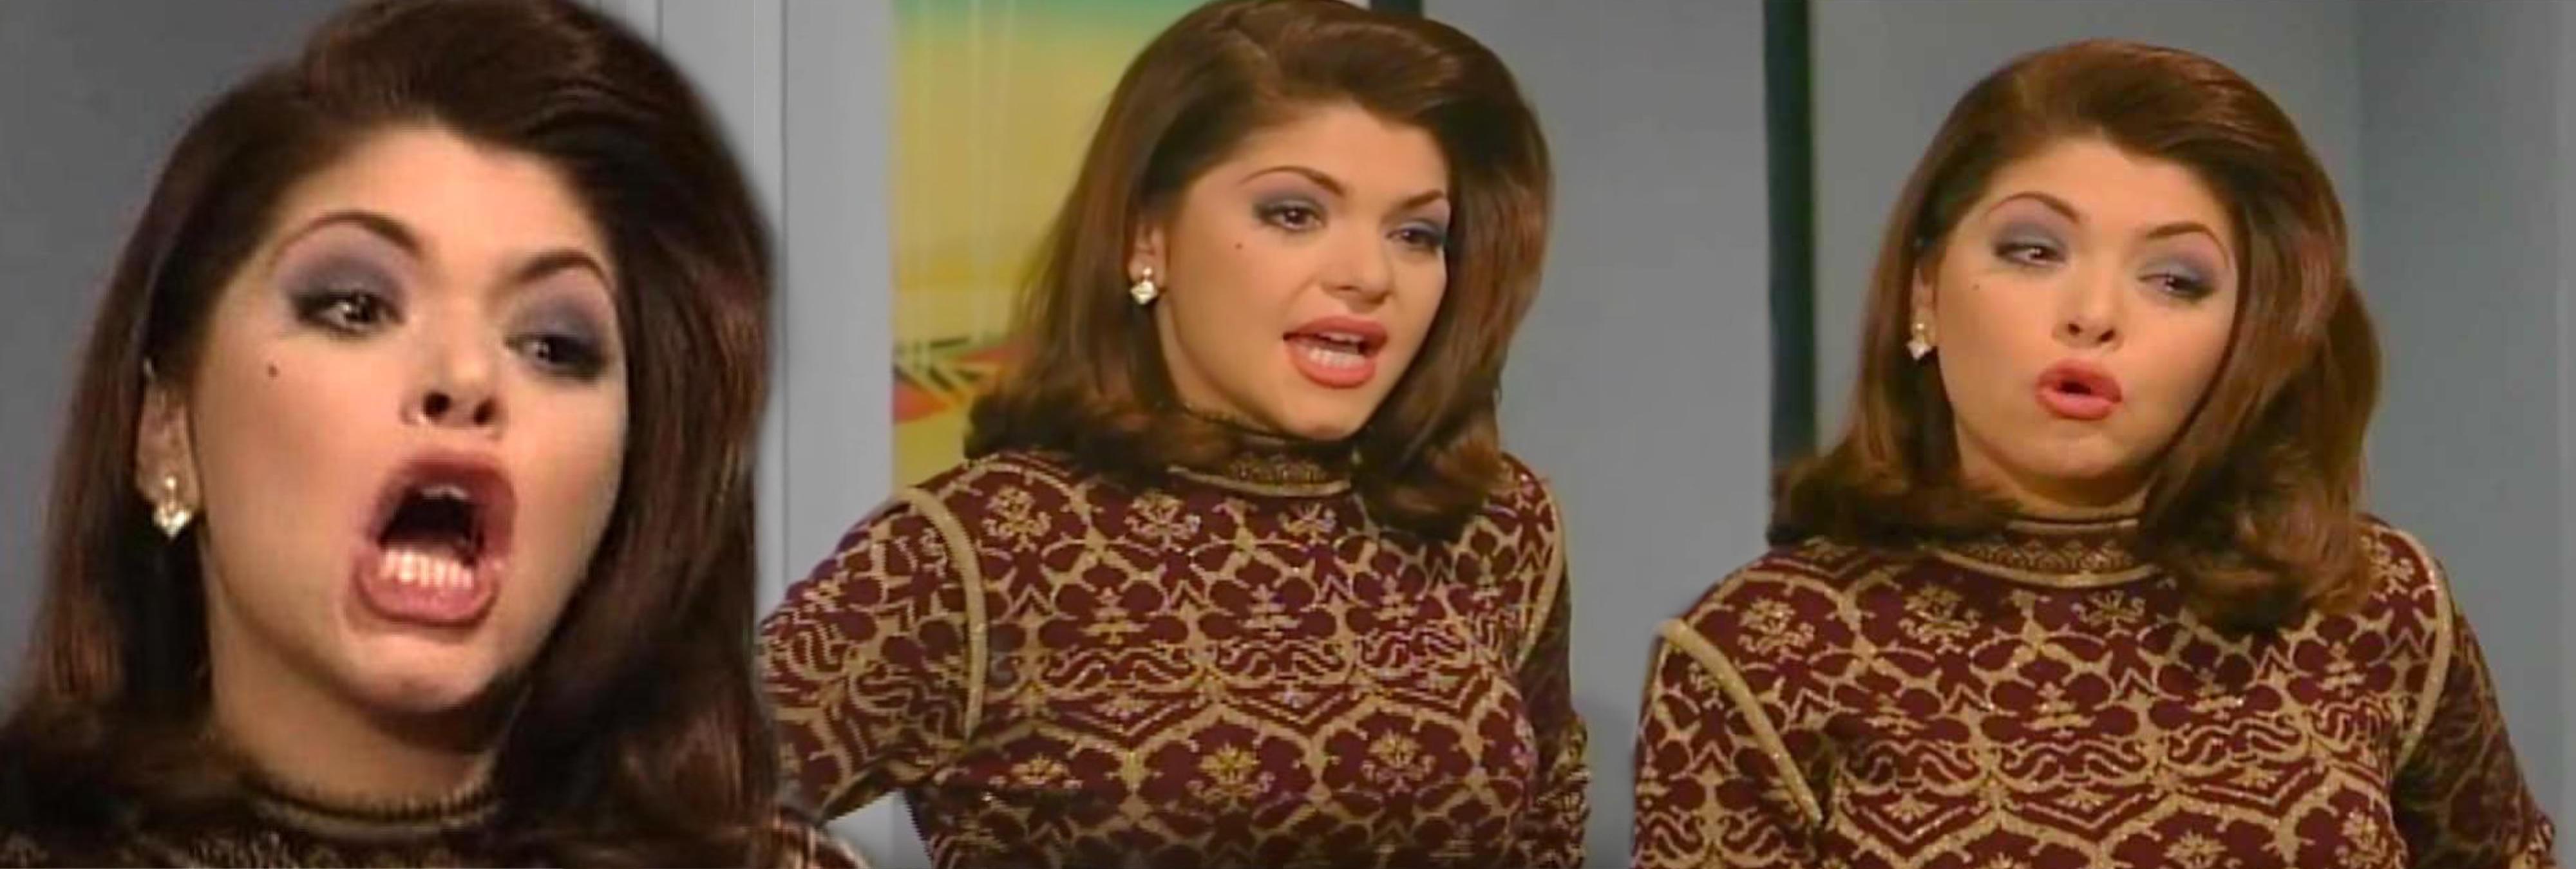 Las 9 escenas más surrealistas de la historia de las telenovelas